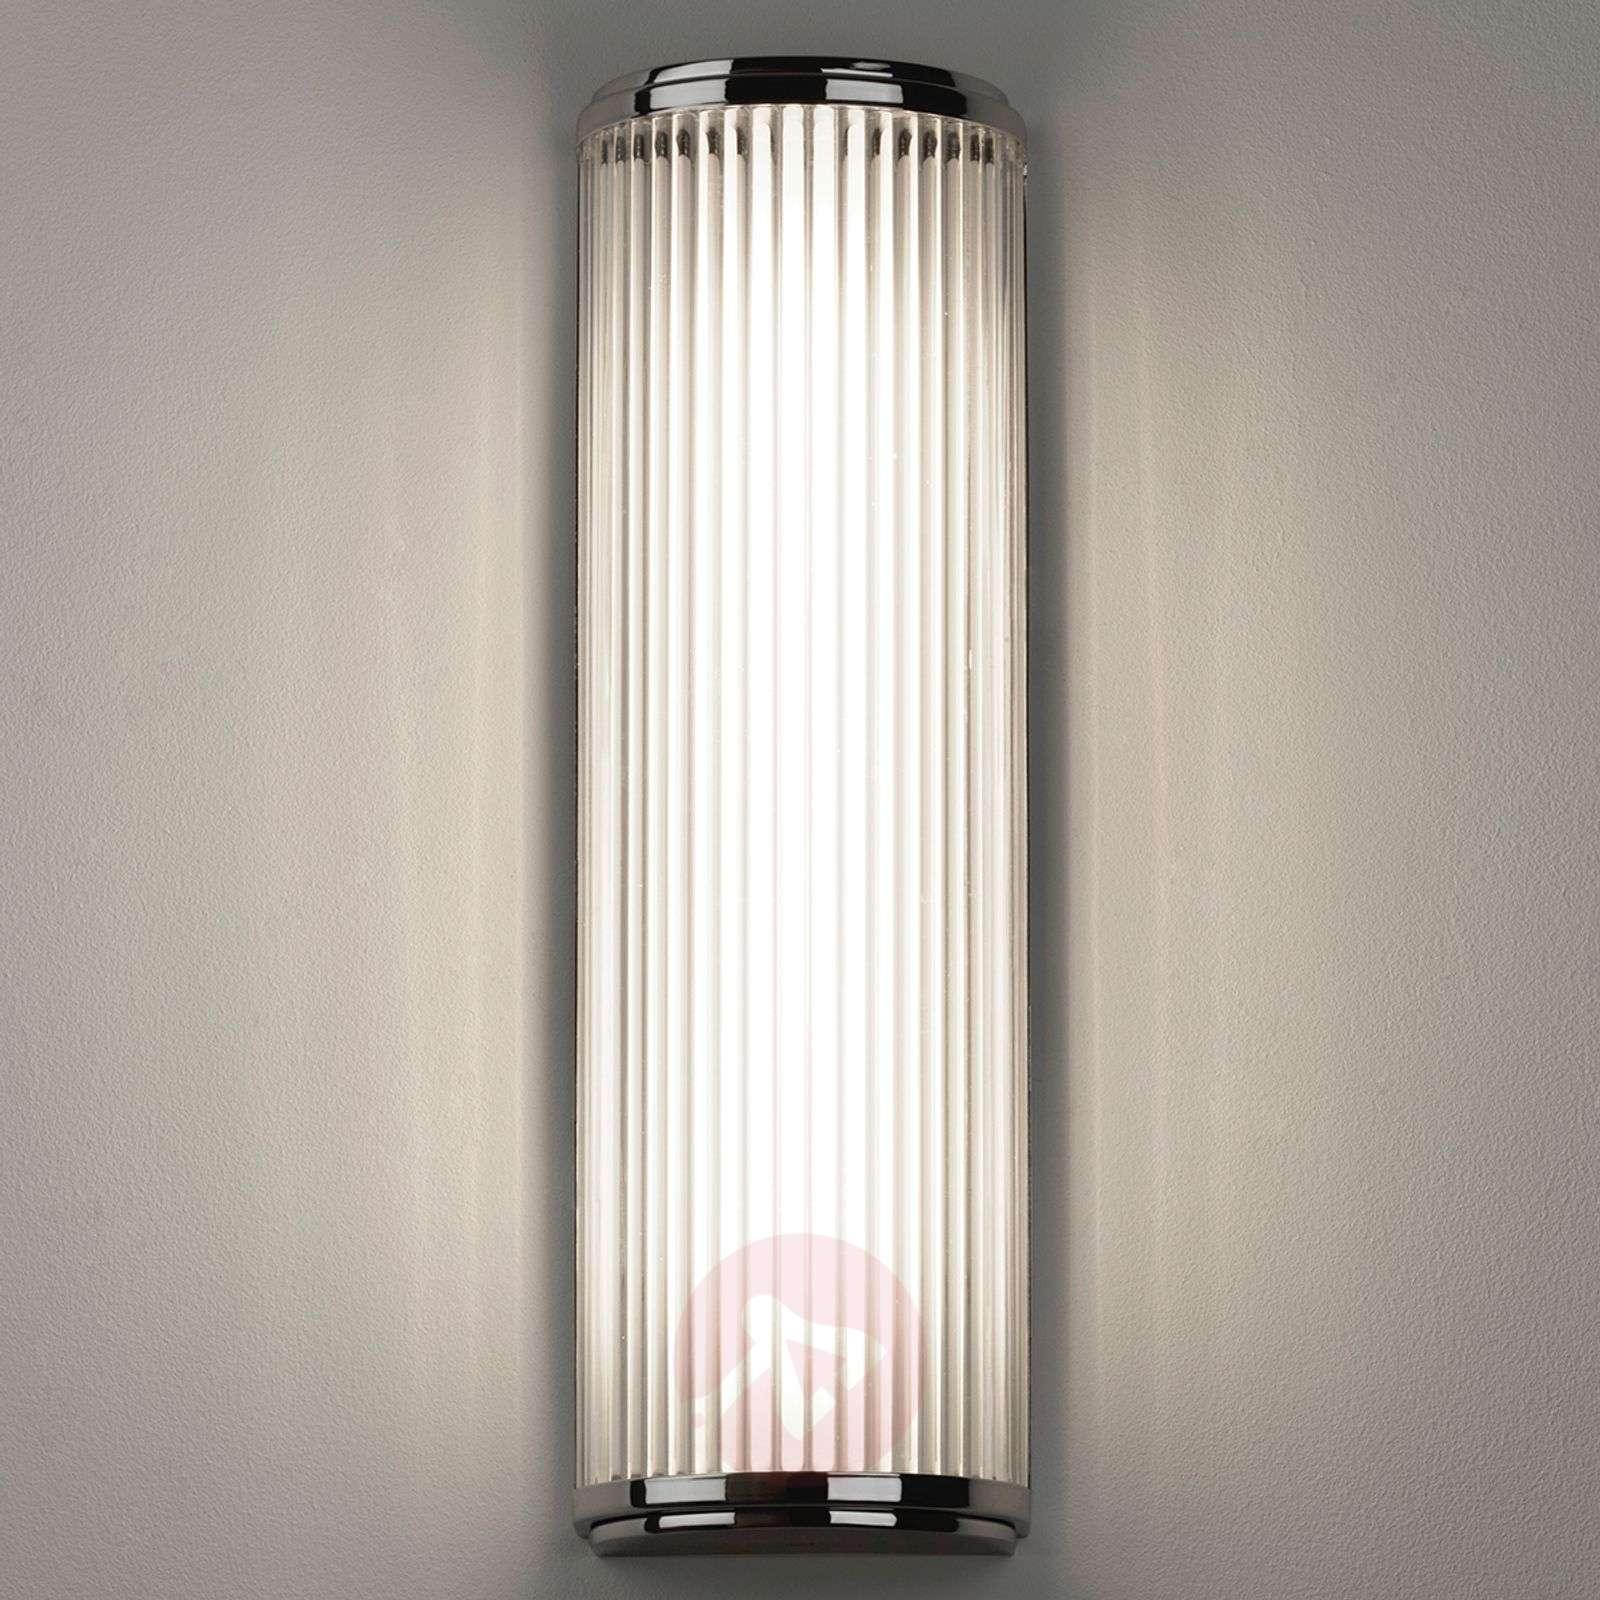 Hienoilla urilla LED-seinävalaisin Versailles-1020540-01